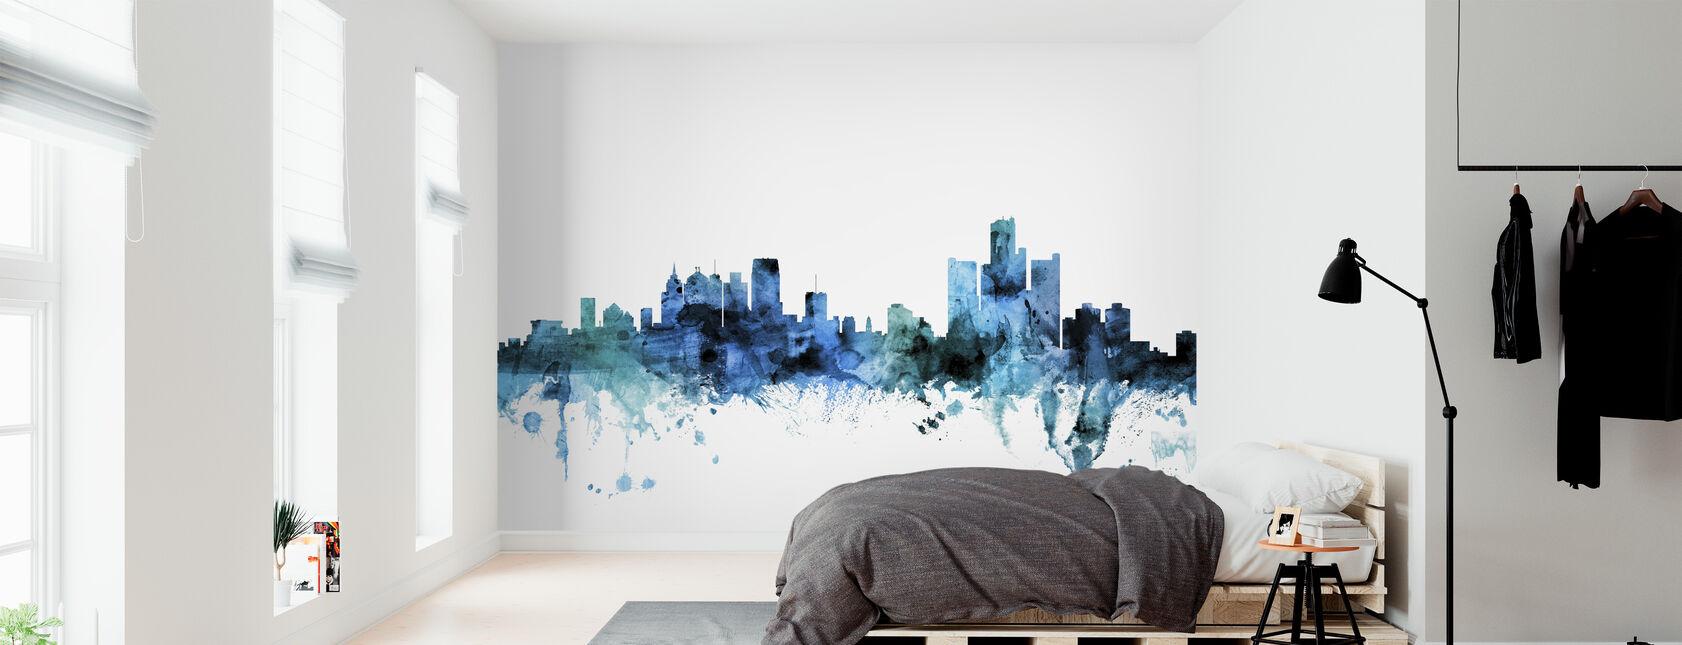 Detroit Michigan Skyline - Wallpaper - Bedroom